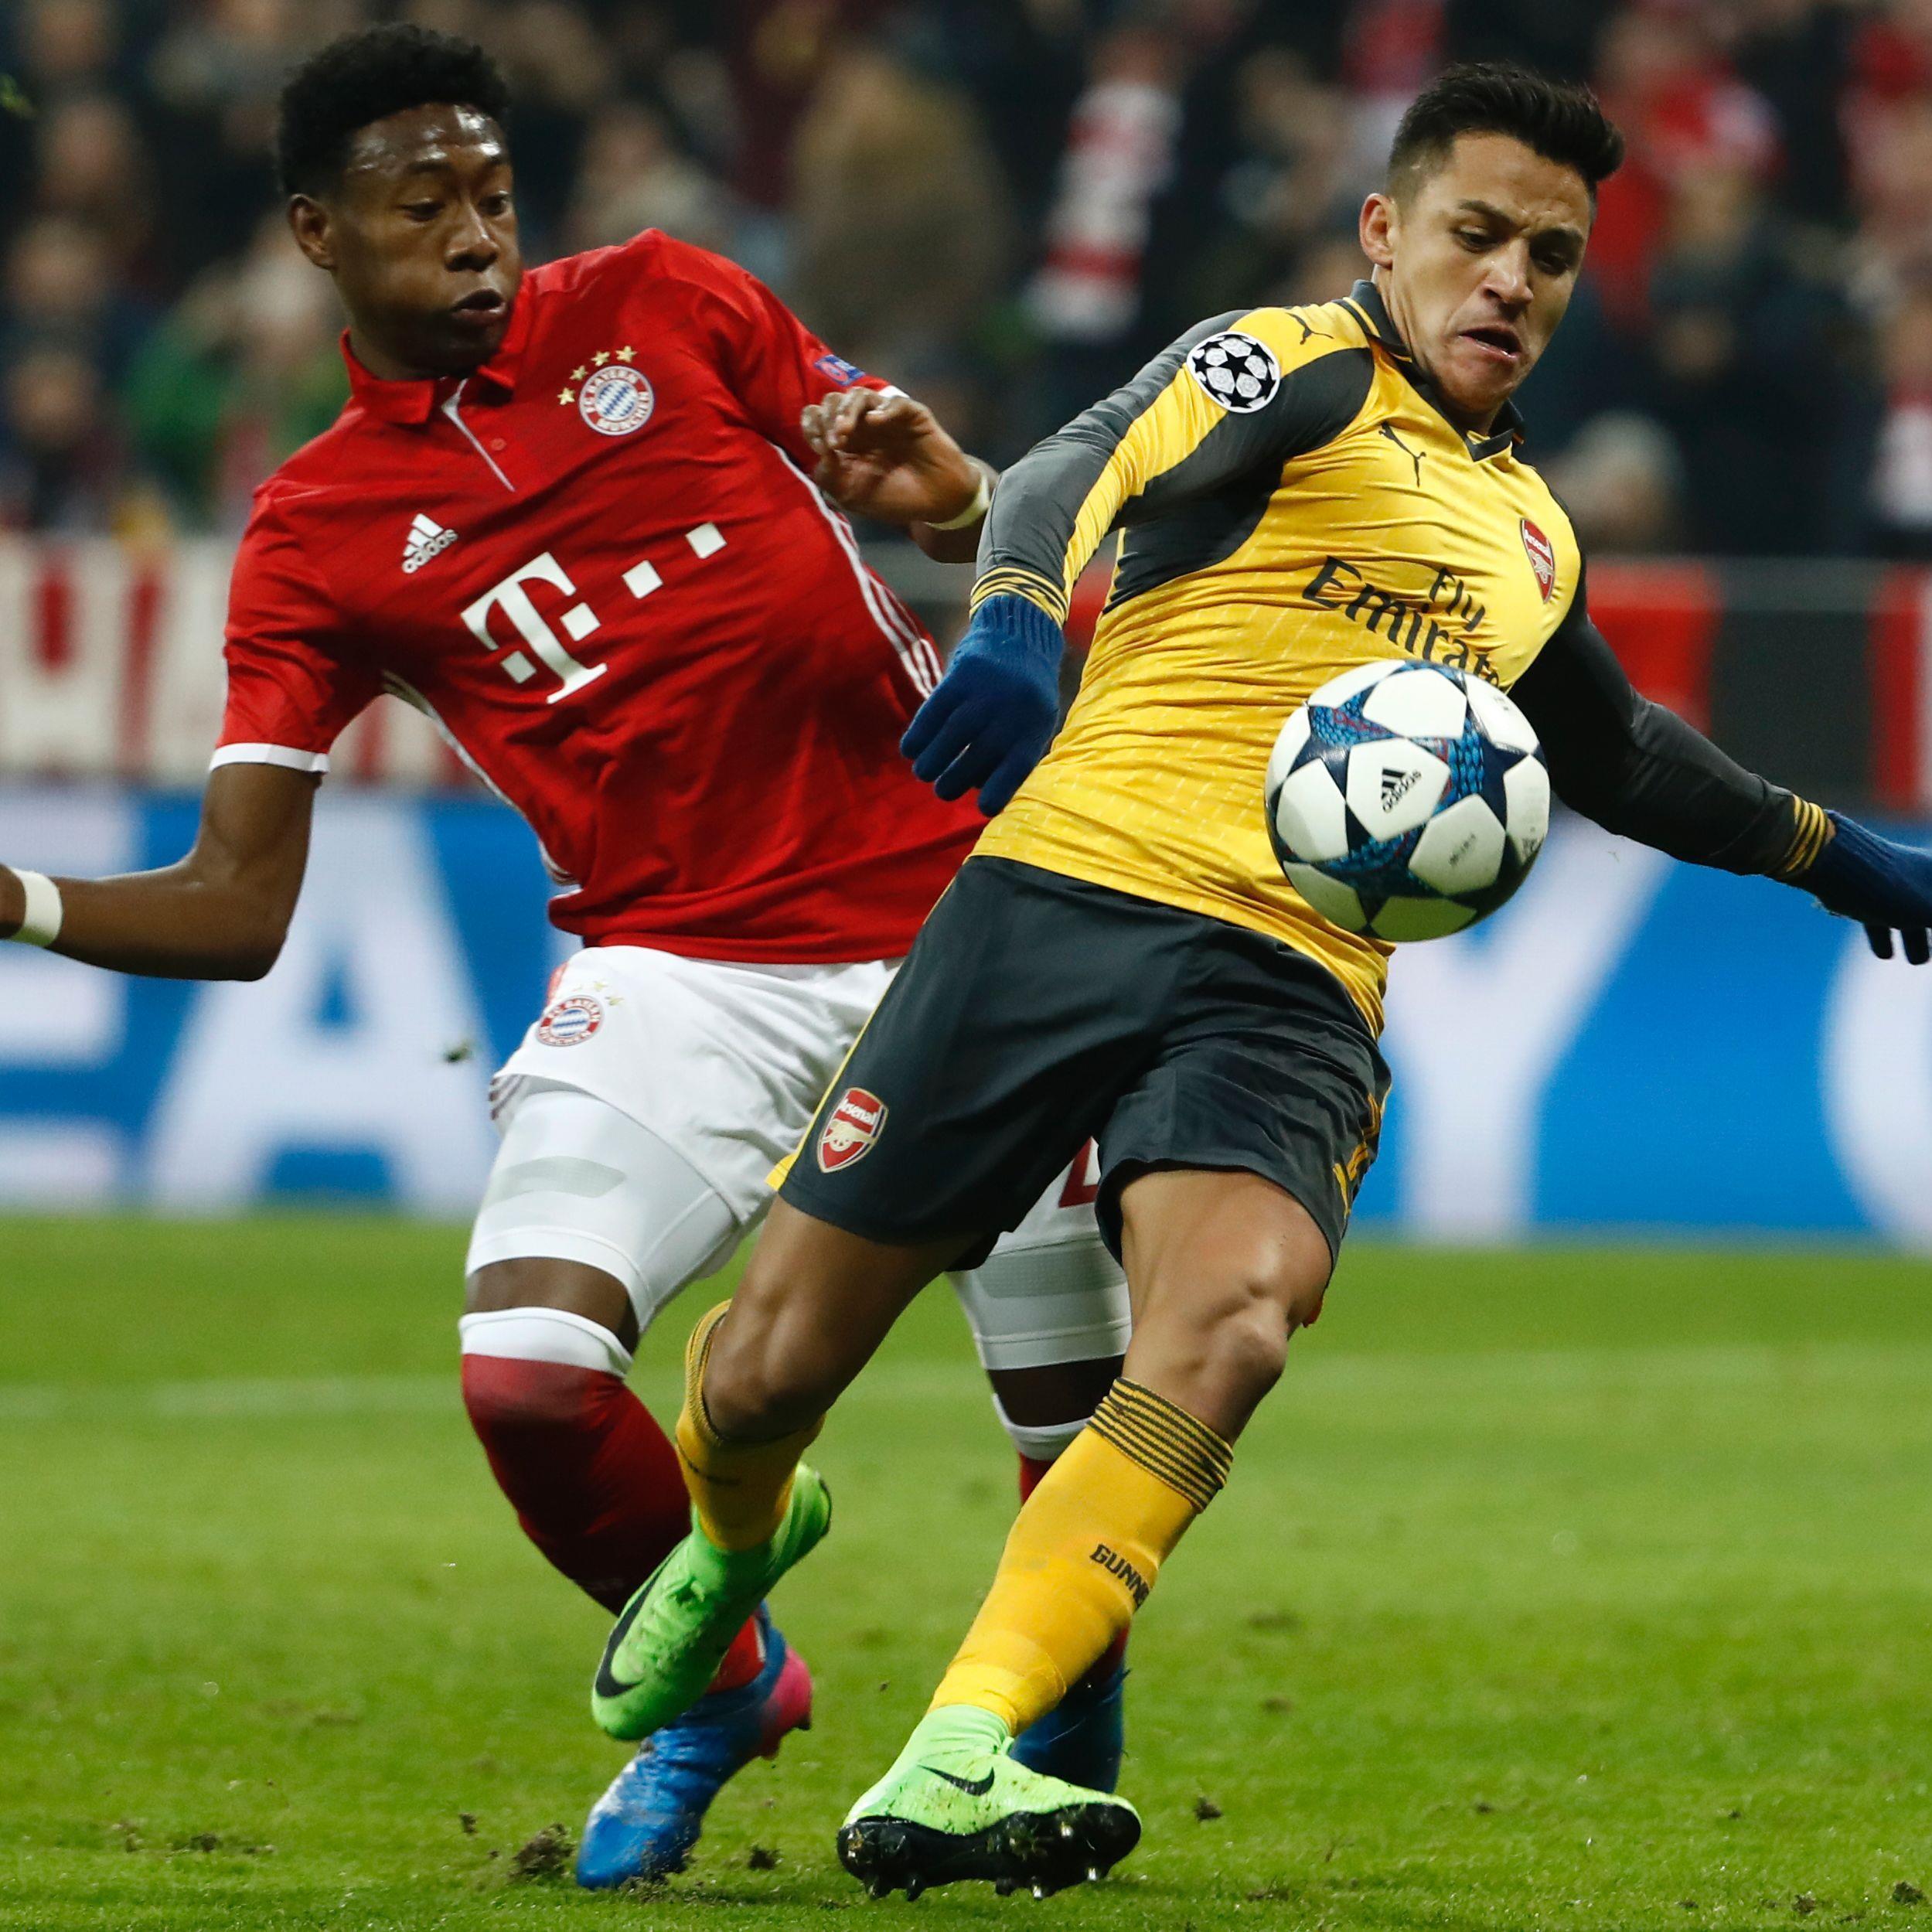 Das Rückspiel in London ist nach Bayerns Hinspiel-Kantersieg gegen Arsenal nur noch Formsache.